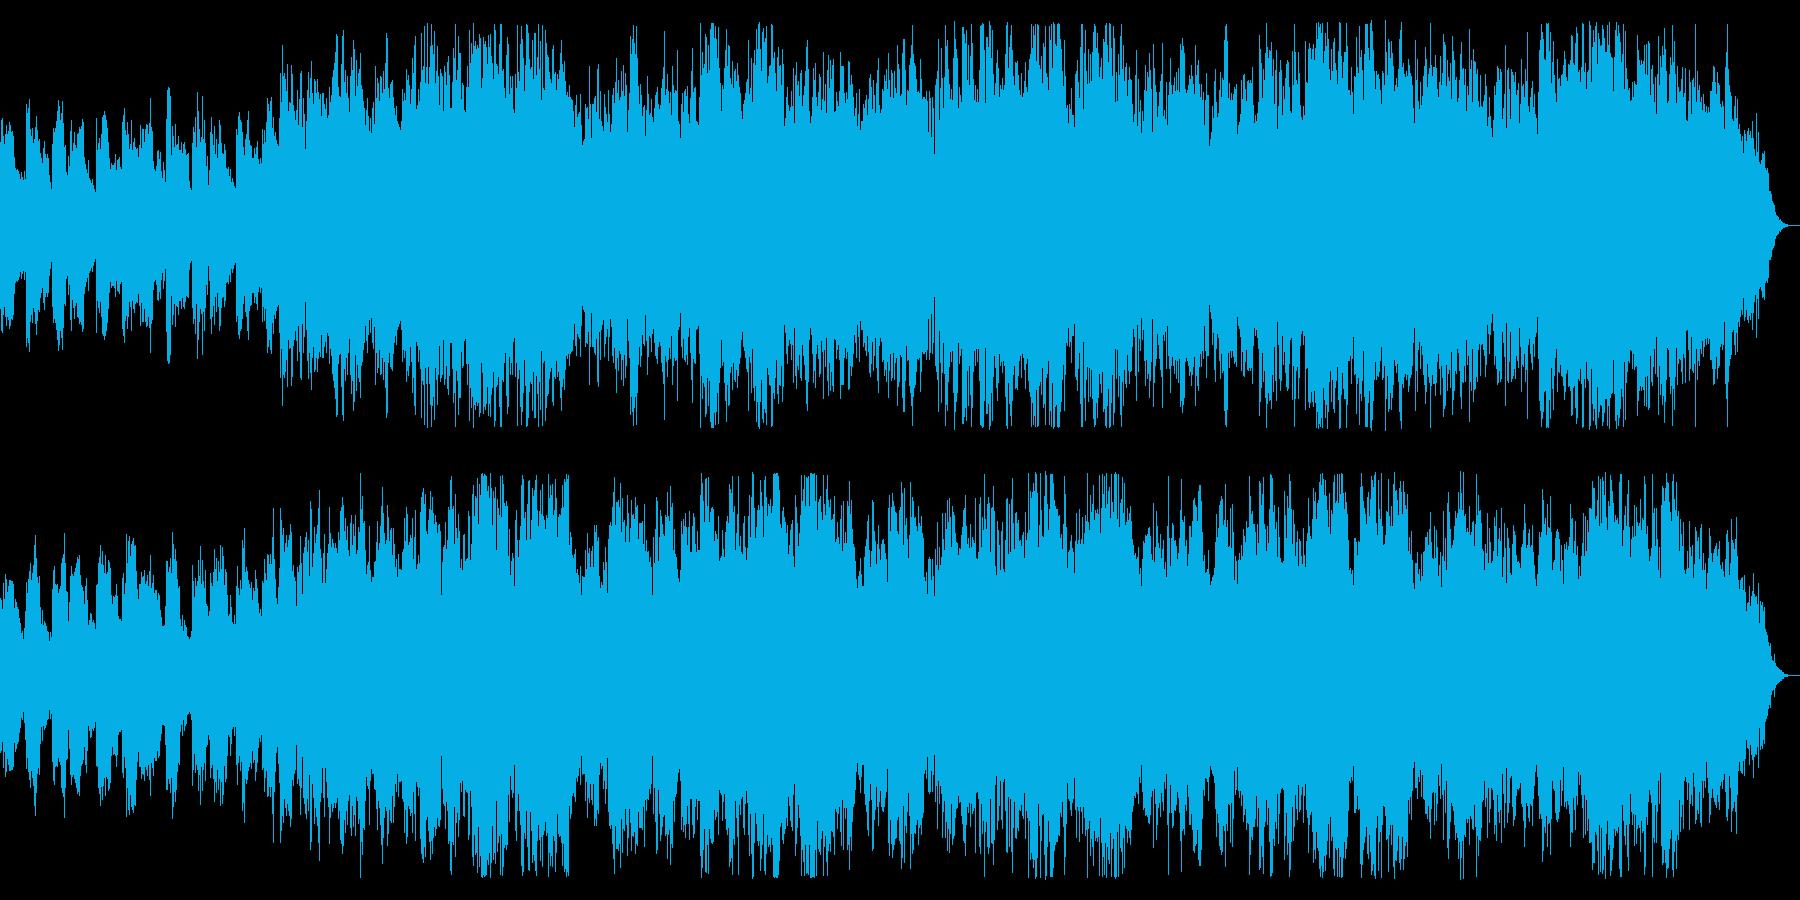 恐怖の領域 緊張感を演出するダークな曲の再生済みの波形